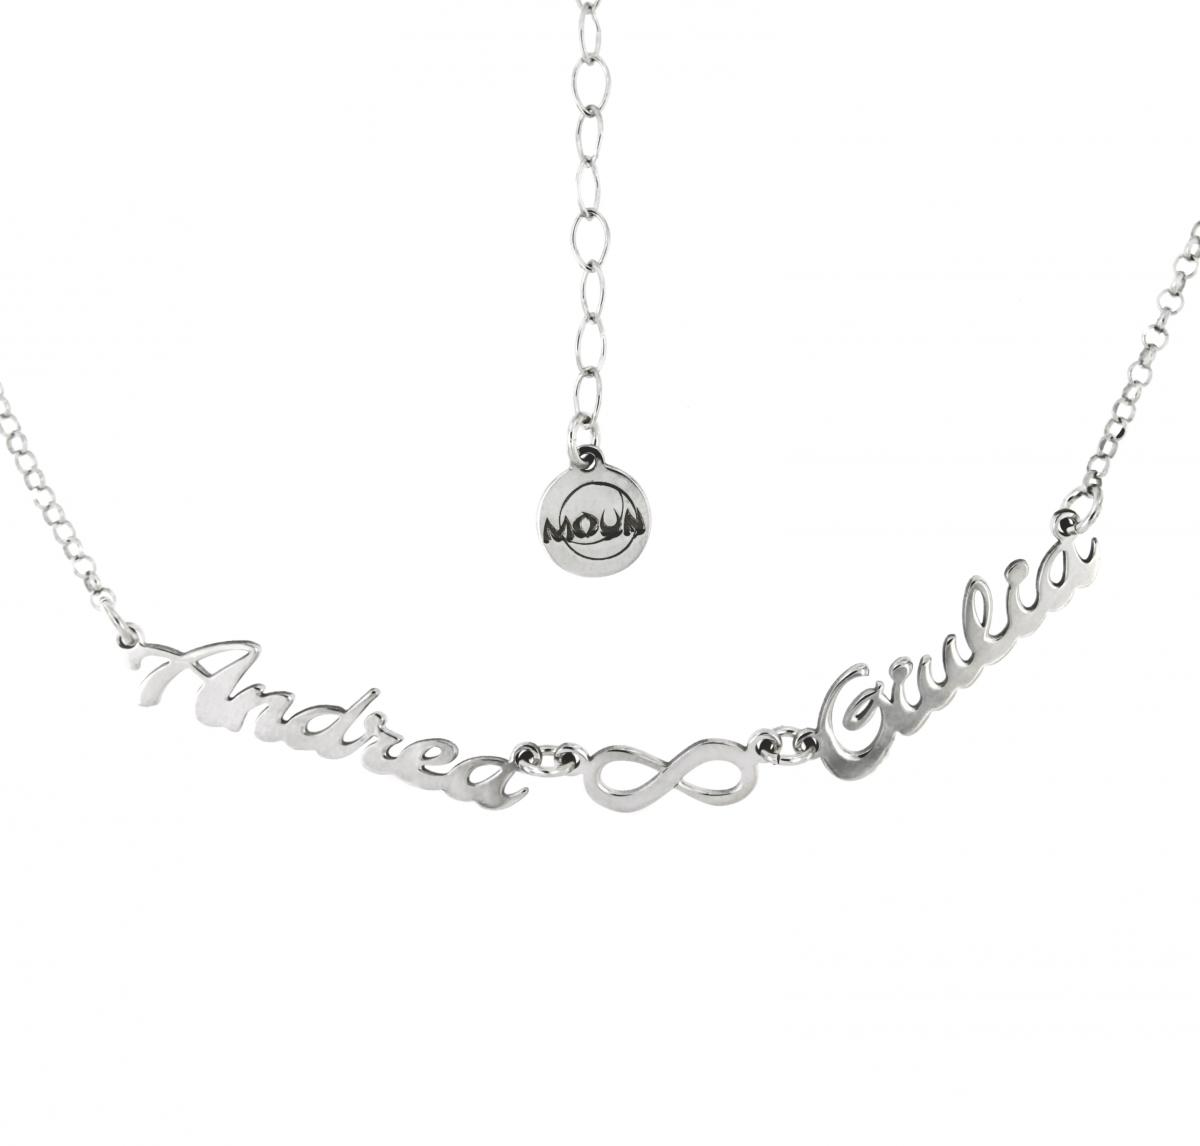 dc19d64f3e collana argento con nomi e infinito - Moun Jewels | Produzione ...